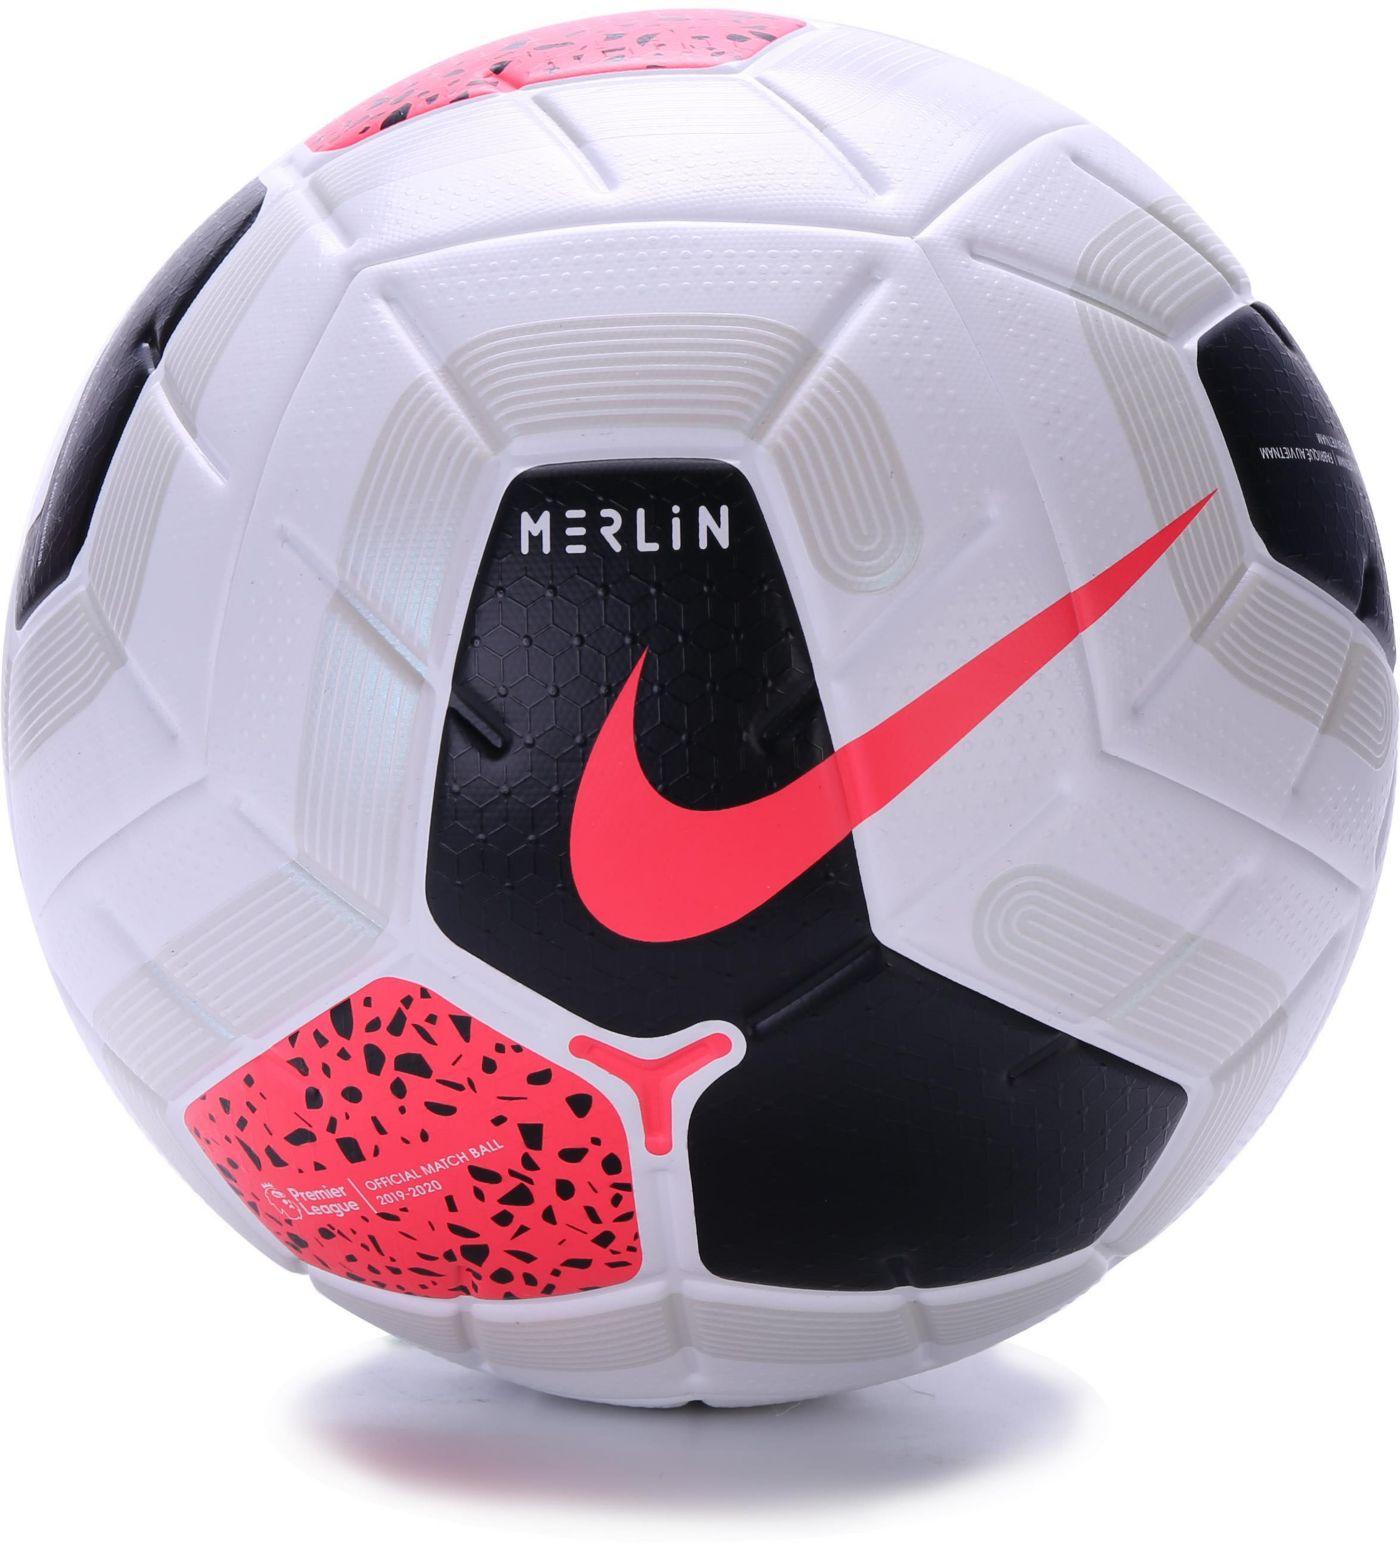 Nike 2019 Merlin Premier League Official Match Soccer Ball